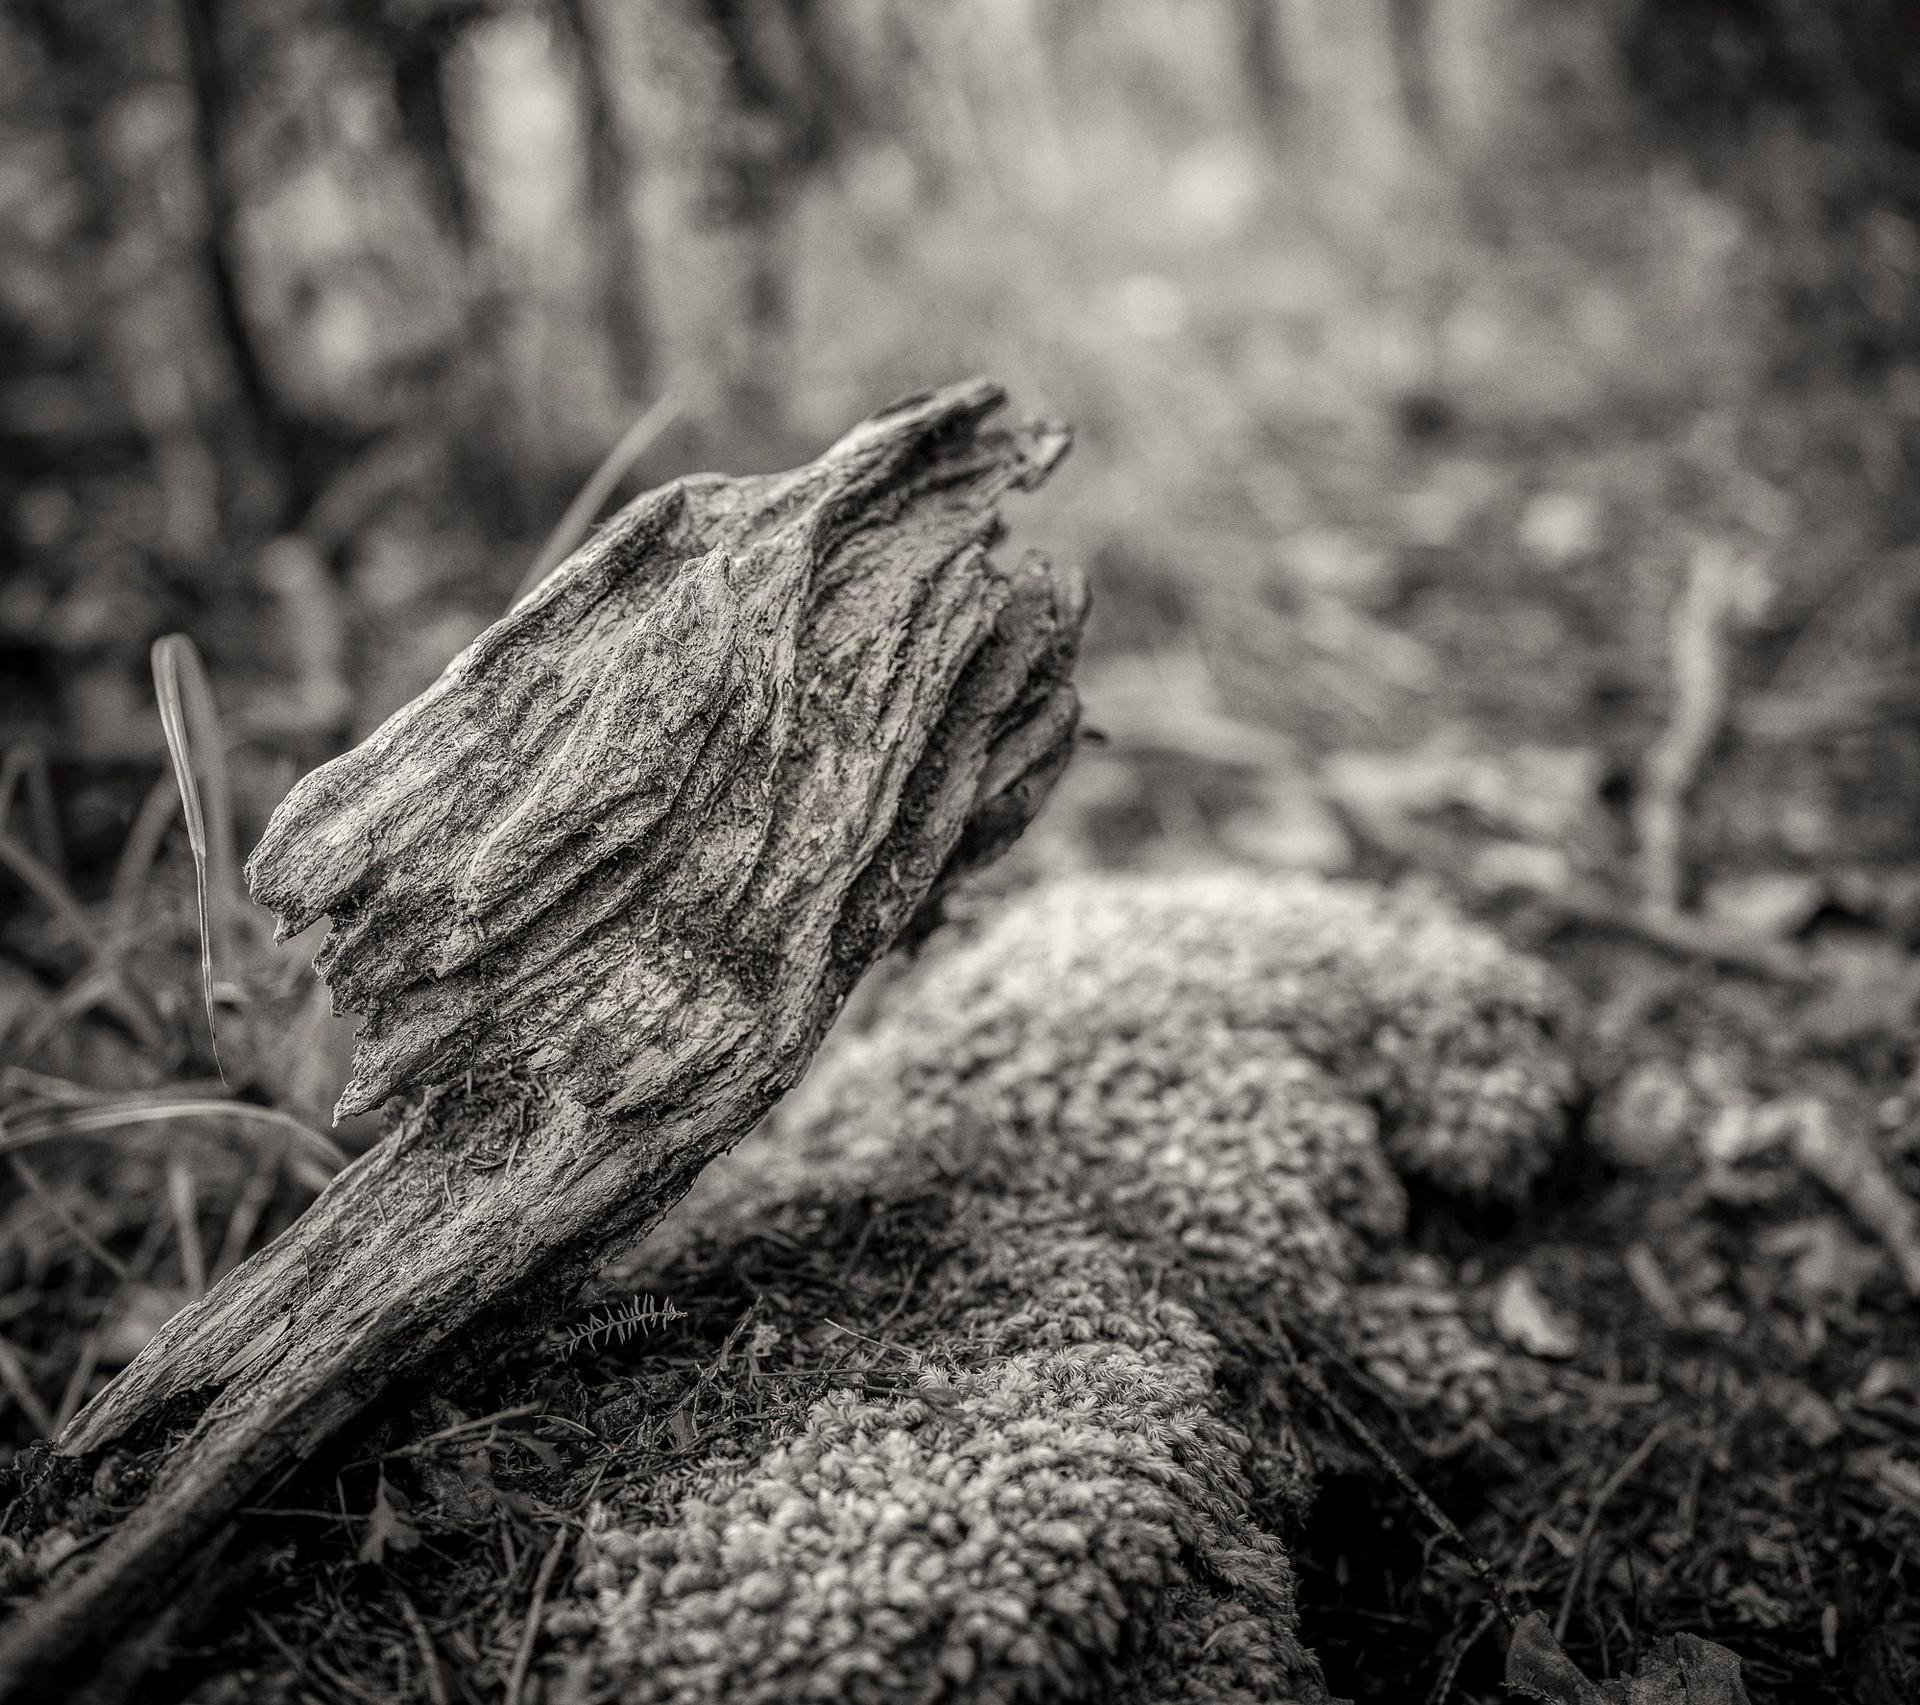 Siddho-Photography-nature-BW-2.jpg